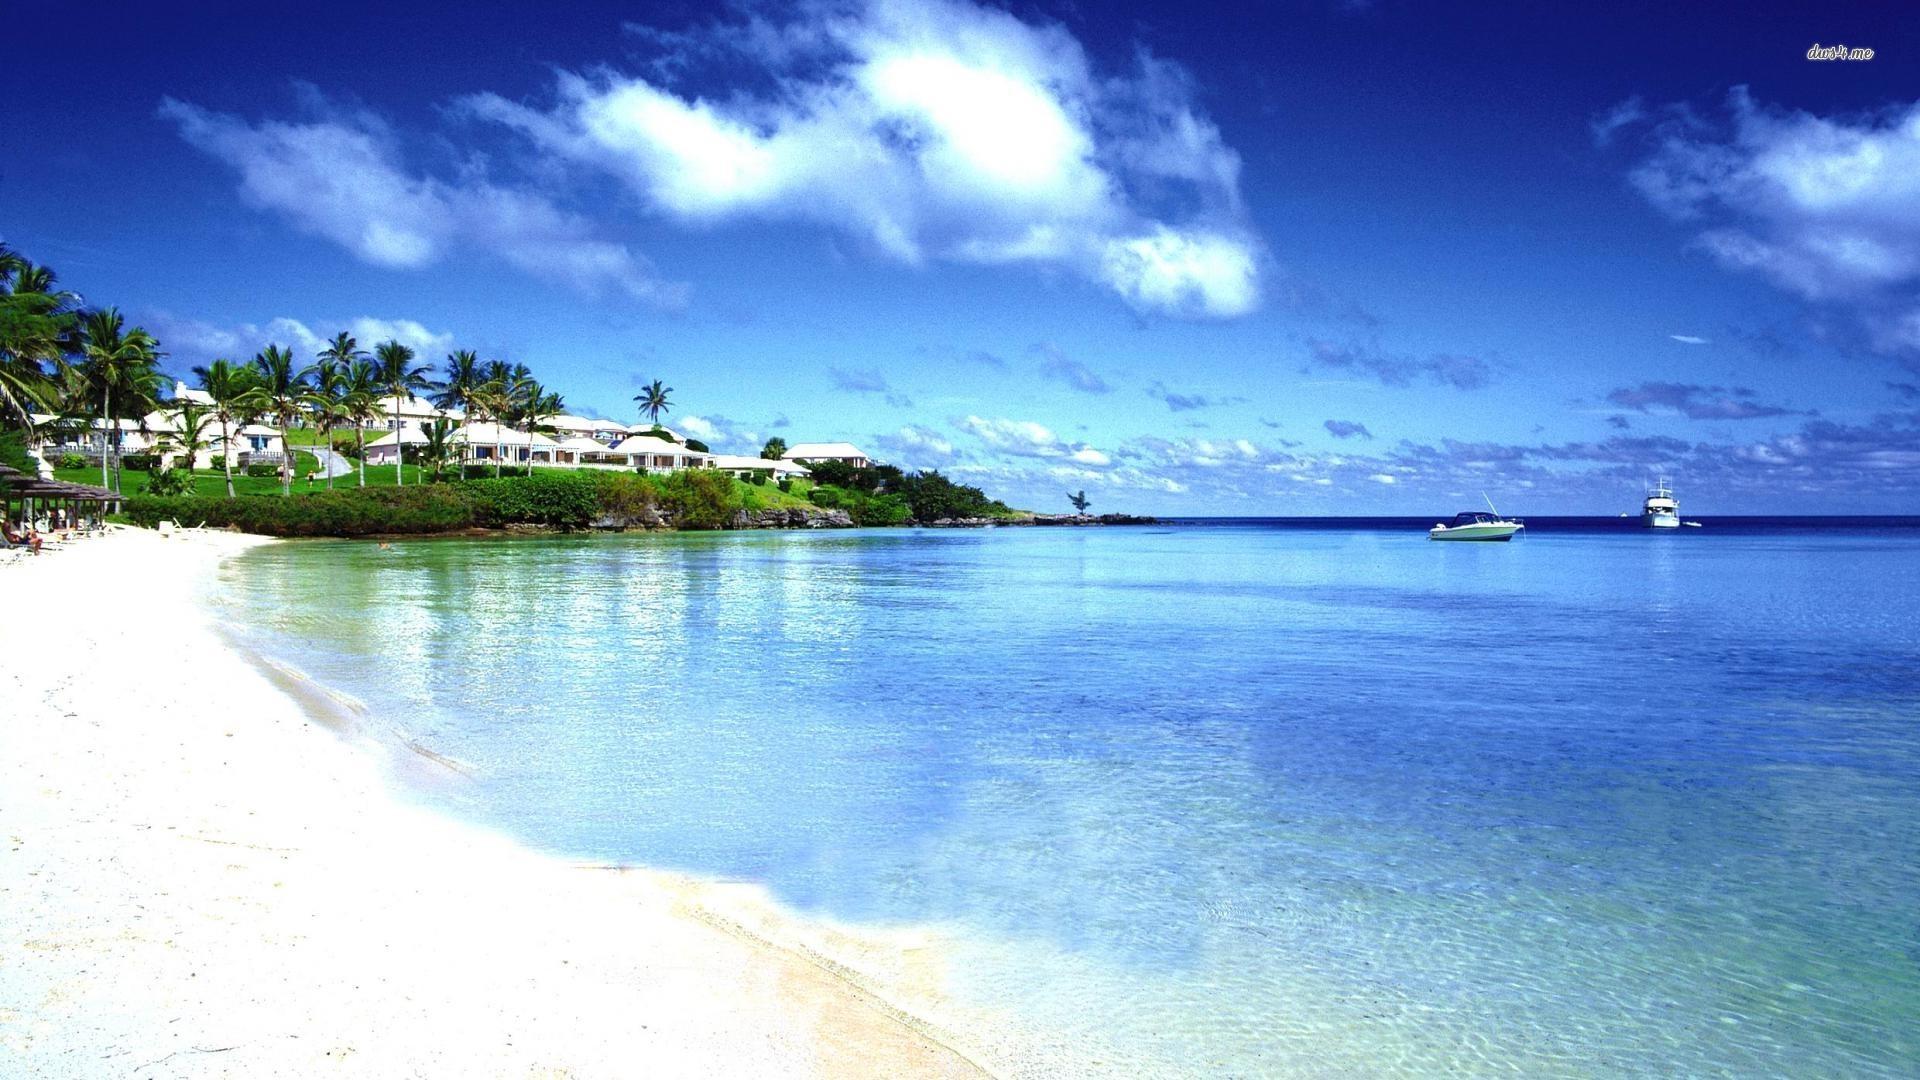 03 maldive destinazione paradiso - 3 1